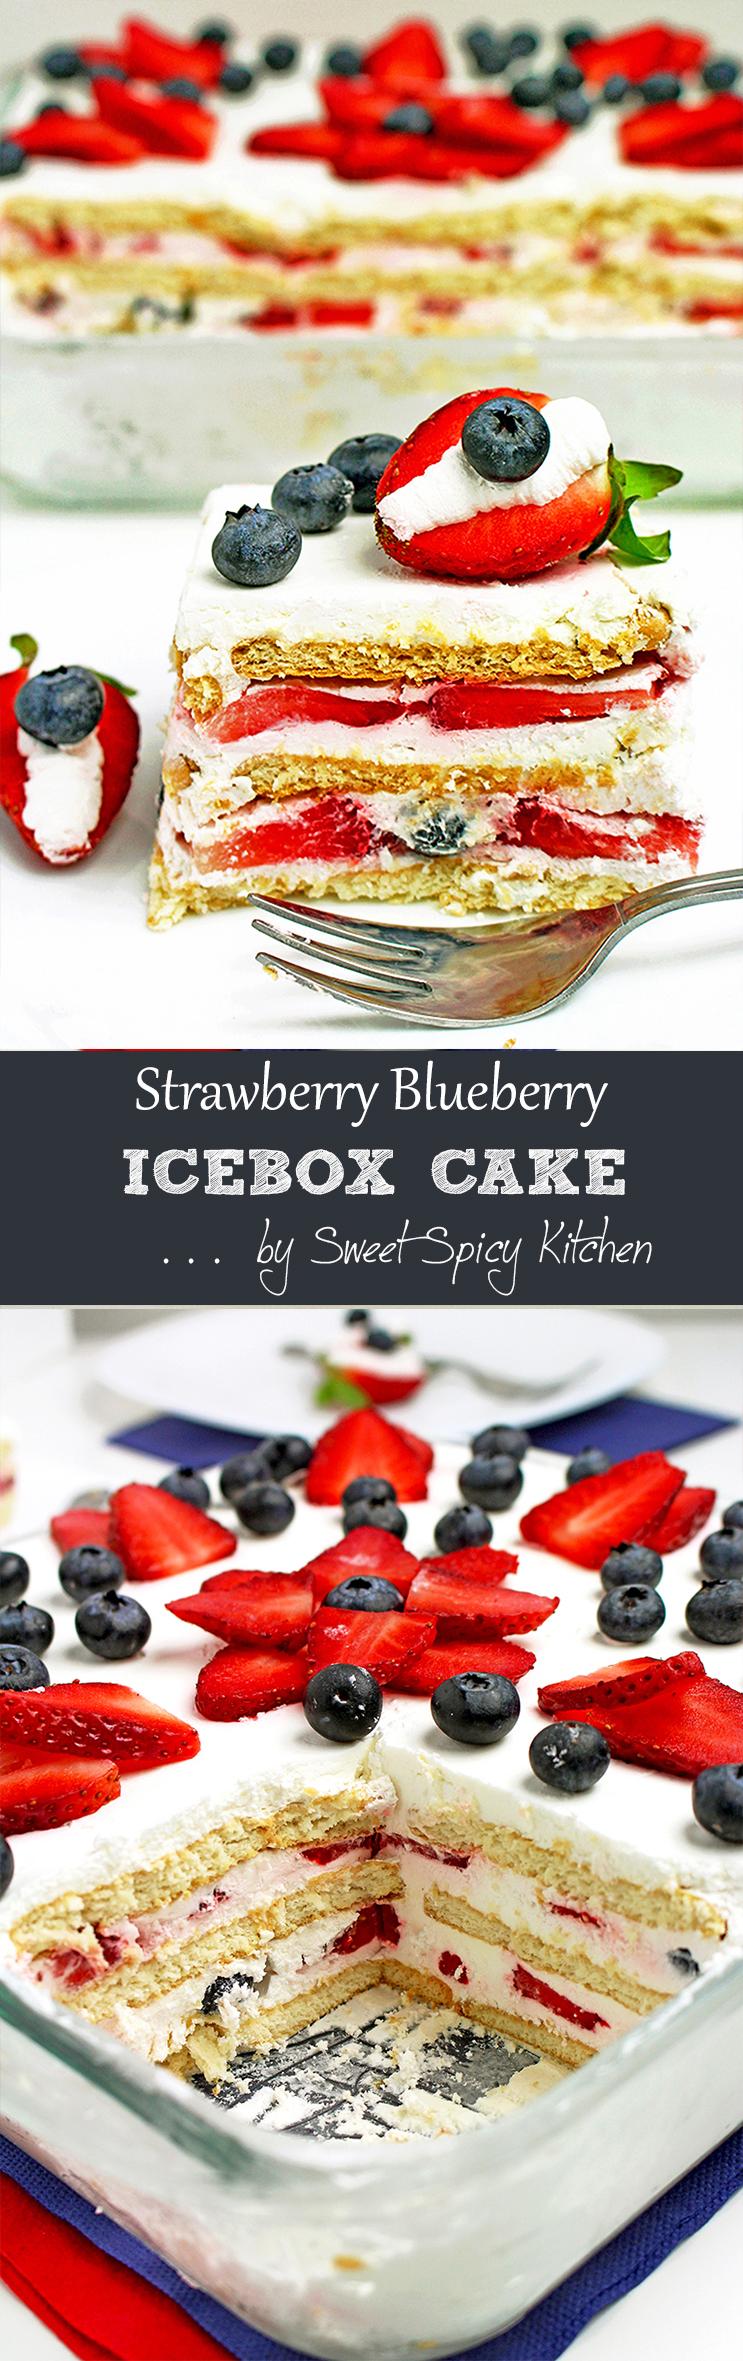 Untitled-28 Strawberry Blueberry Icebox Cake